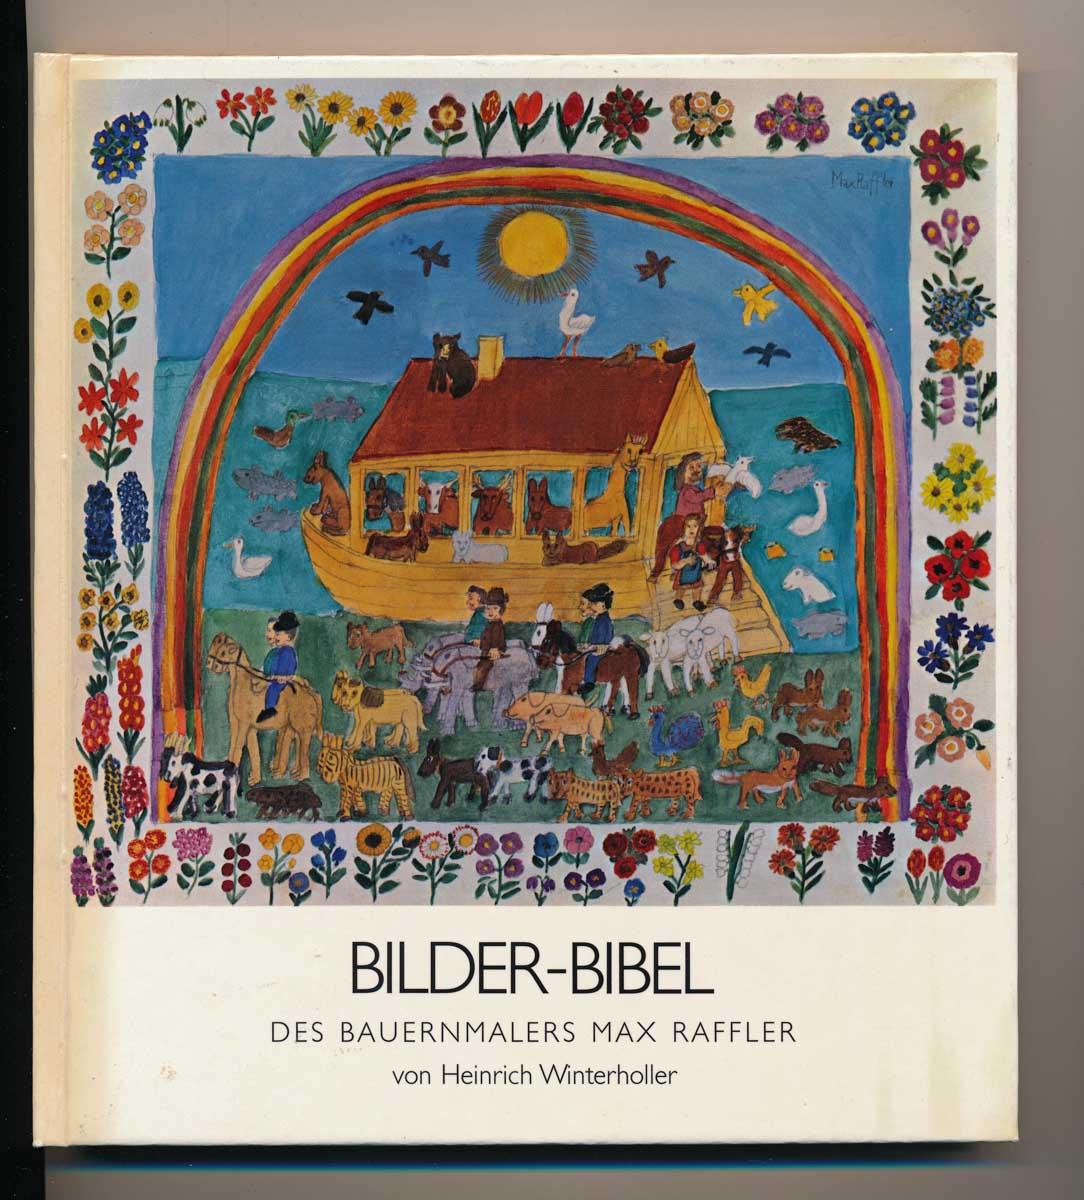 Bilder-Bibel des Bauernmalers Max Raffler.